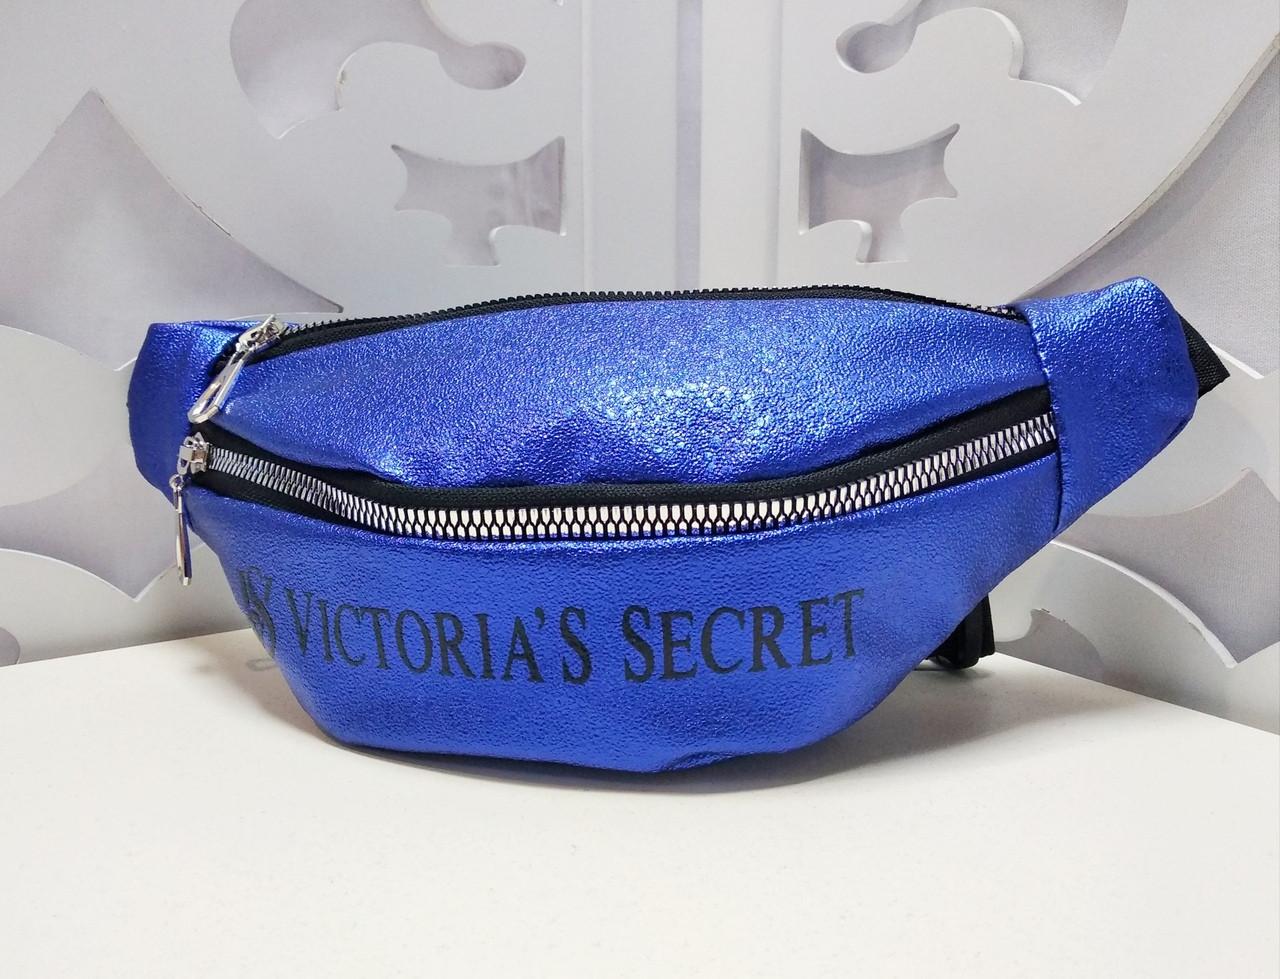 Женская поясная сумка (бананка) в цвете синий с переливом Victoria's Secret (копия), из искусственной кожи